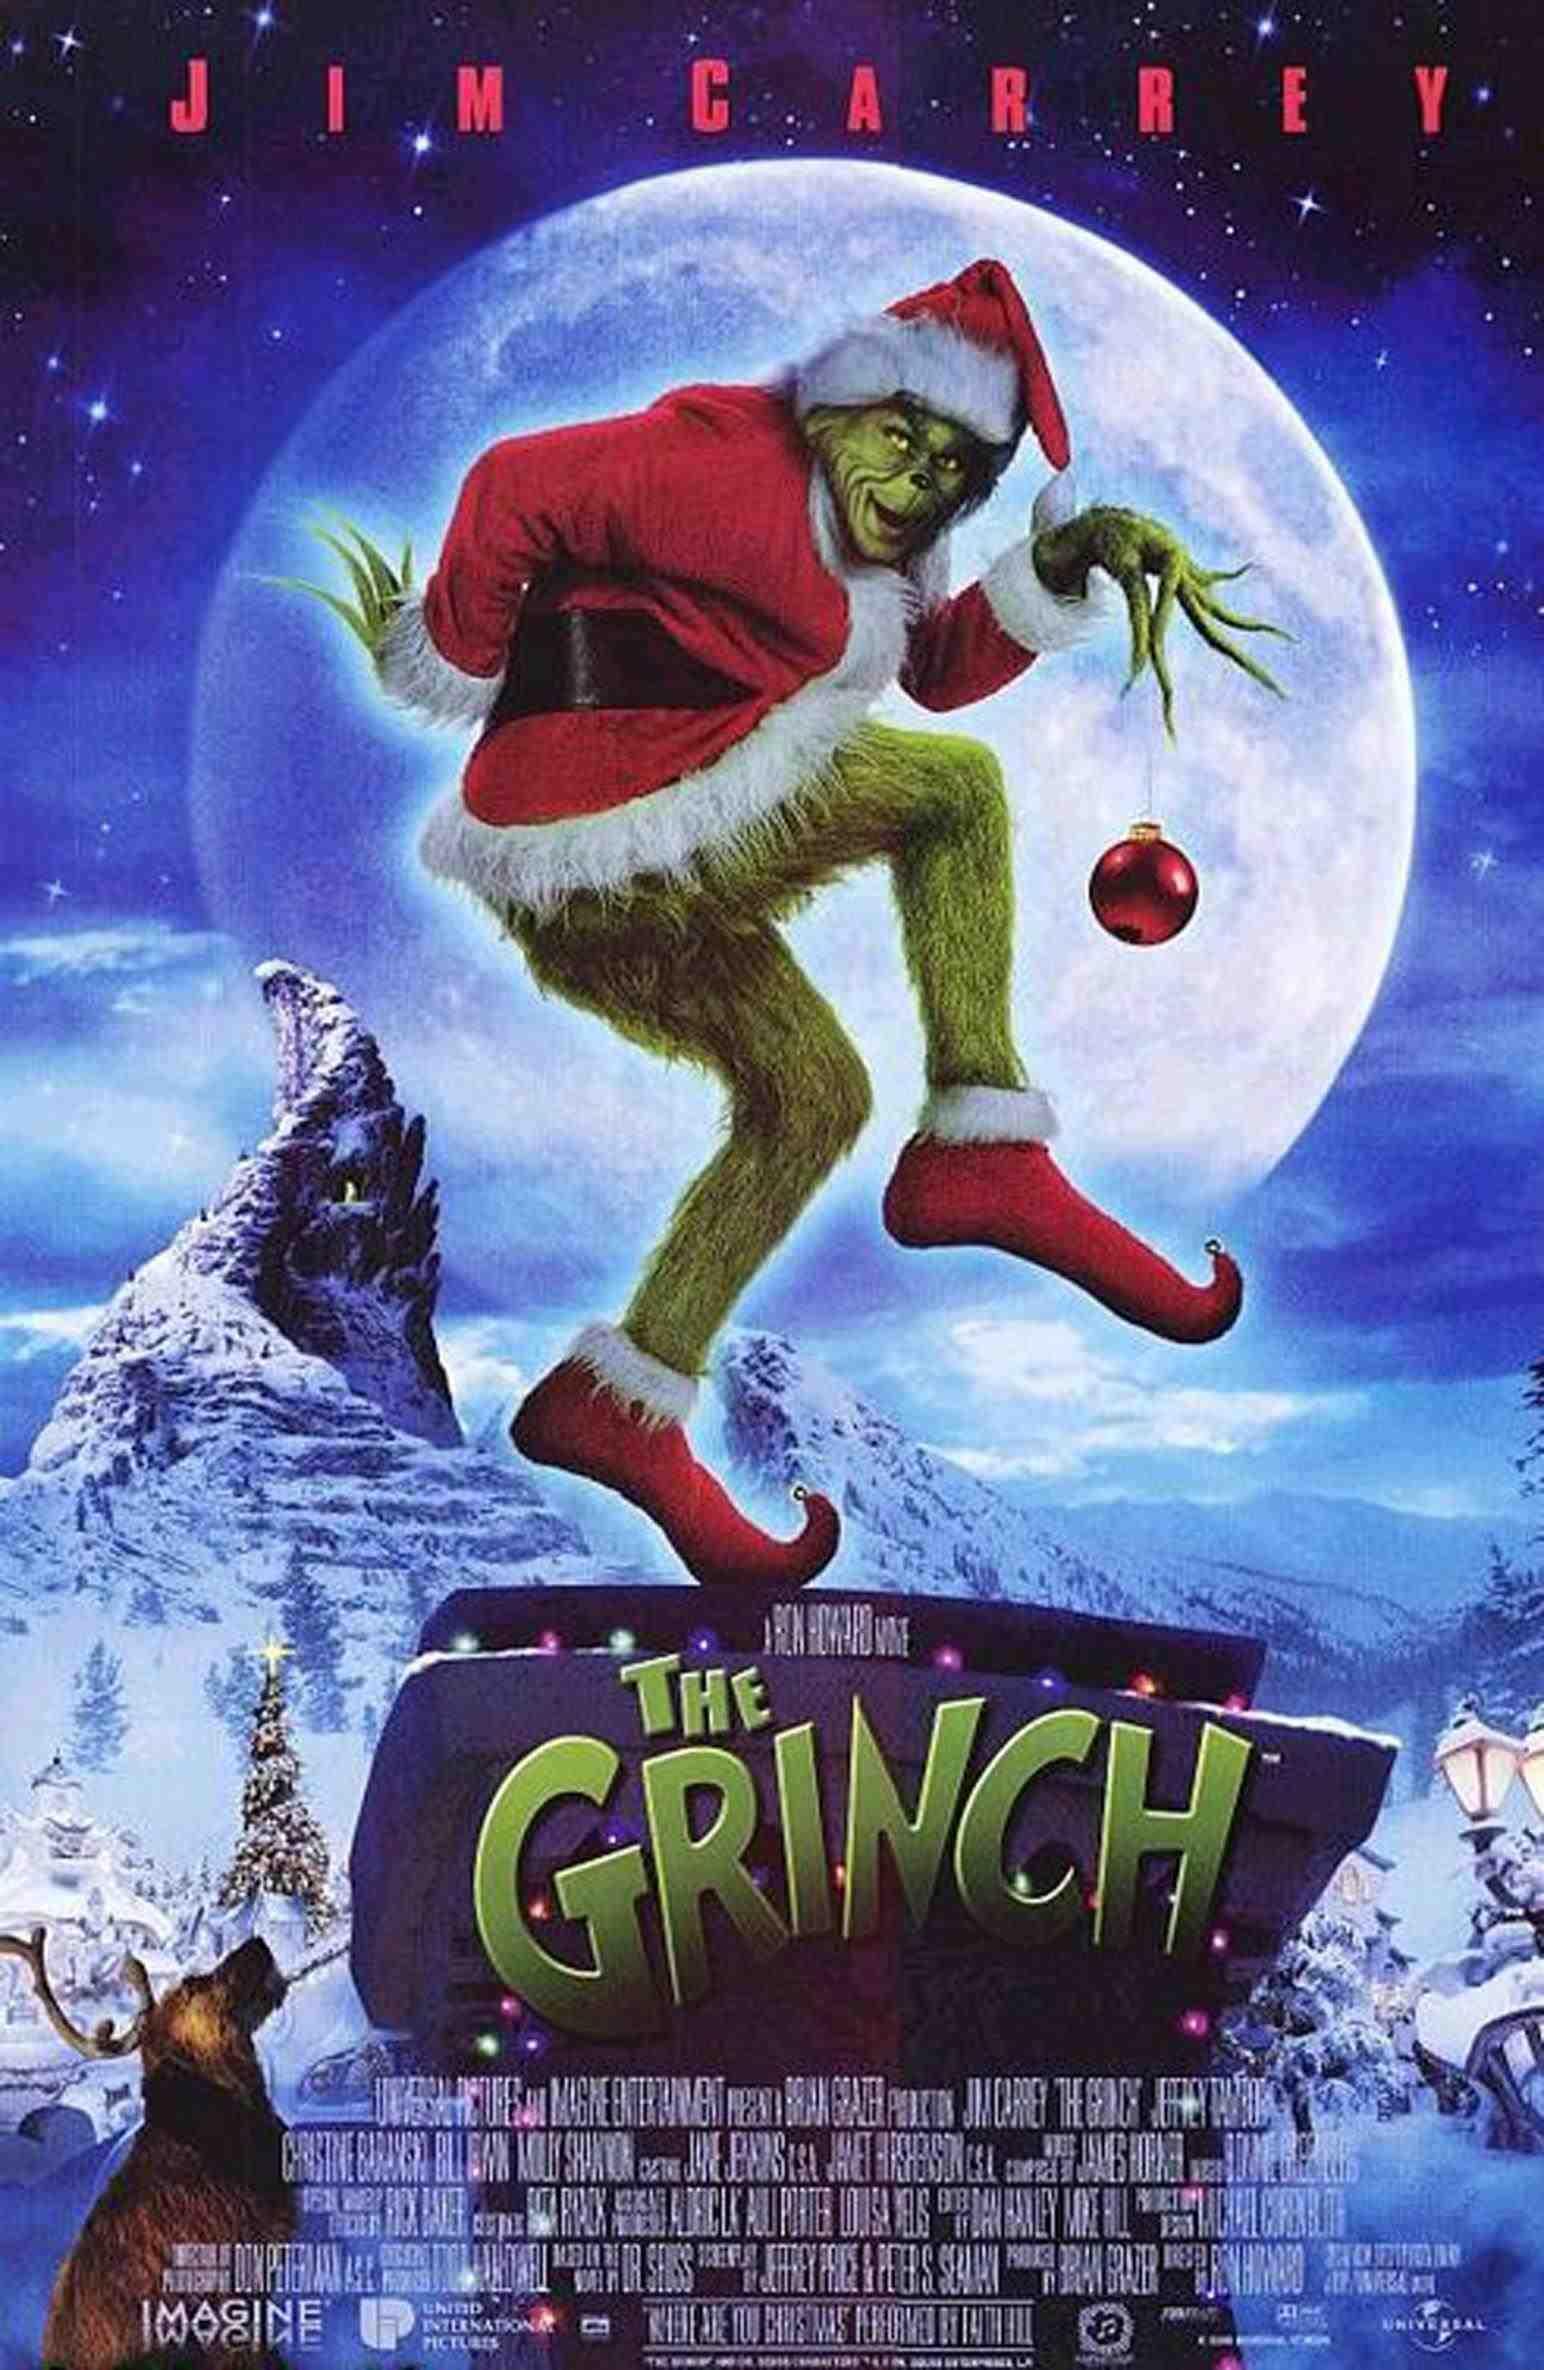 Những bộ phim đặc sắc không thể bỏ lỡ trong mùa Giáng sinh-2